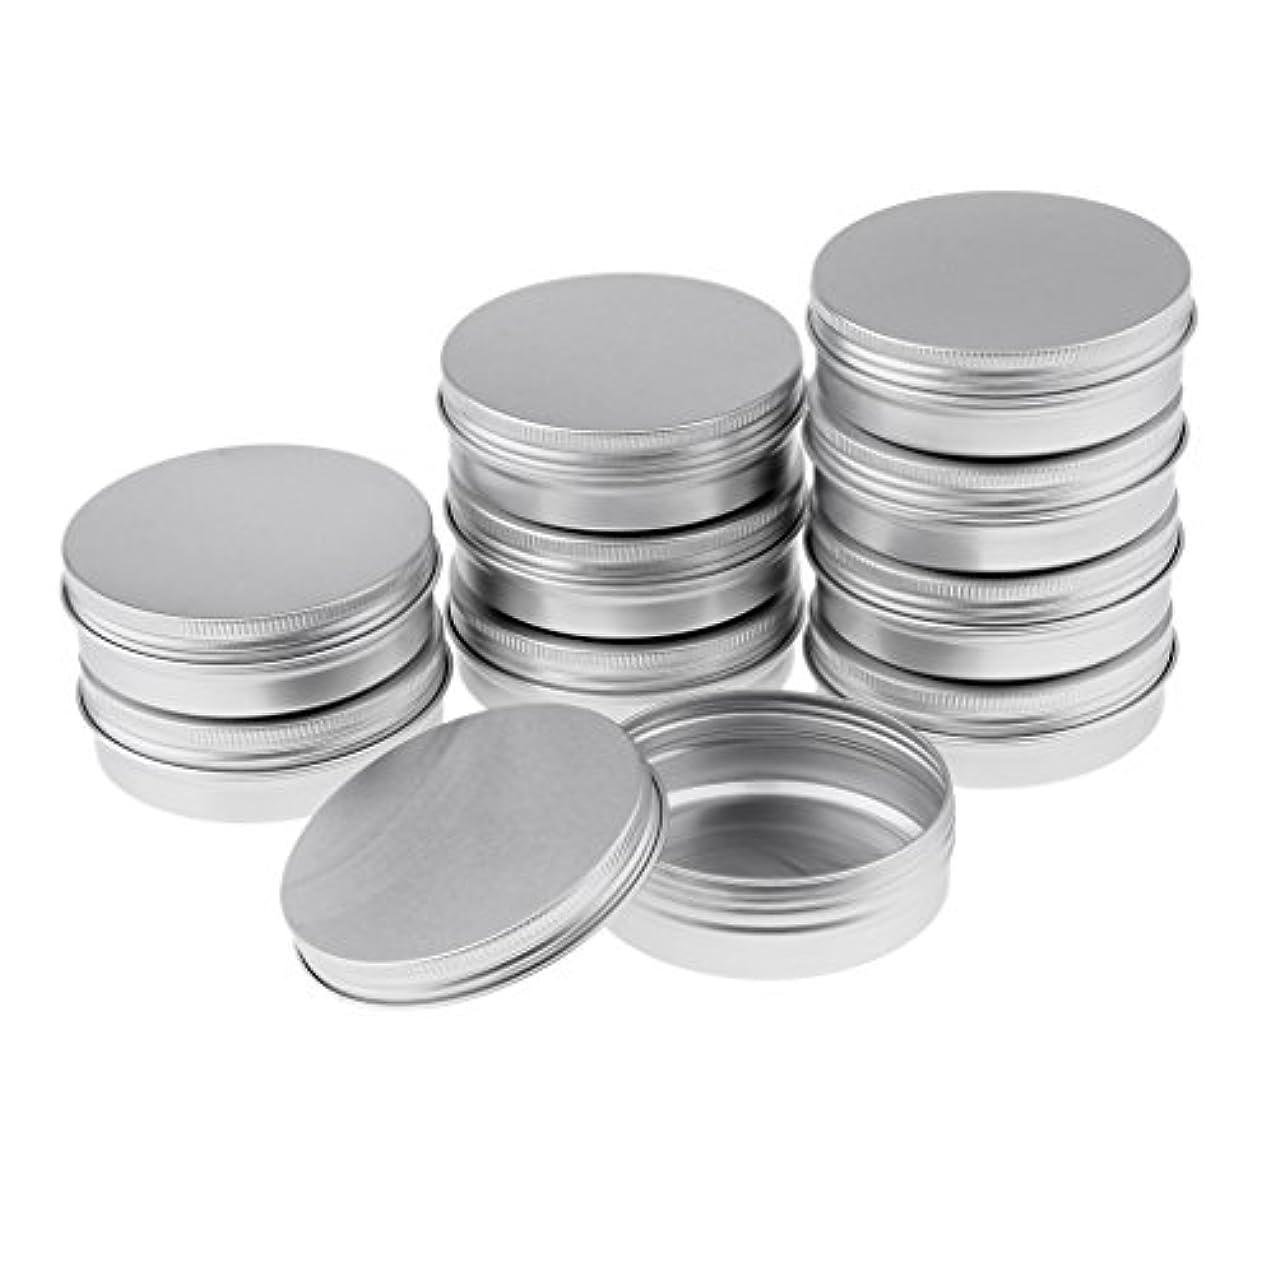 成功したマージかけがえのないBlesiya 10個 アルミ容器 空缶 ジャー スクリュー蓋付き 収納箱 3サイズ選べる - 8.2x2.7 cm